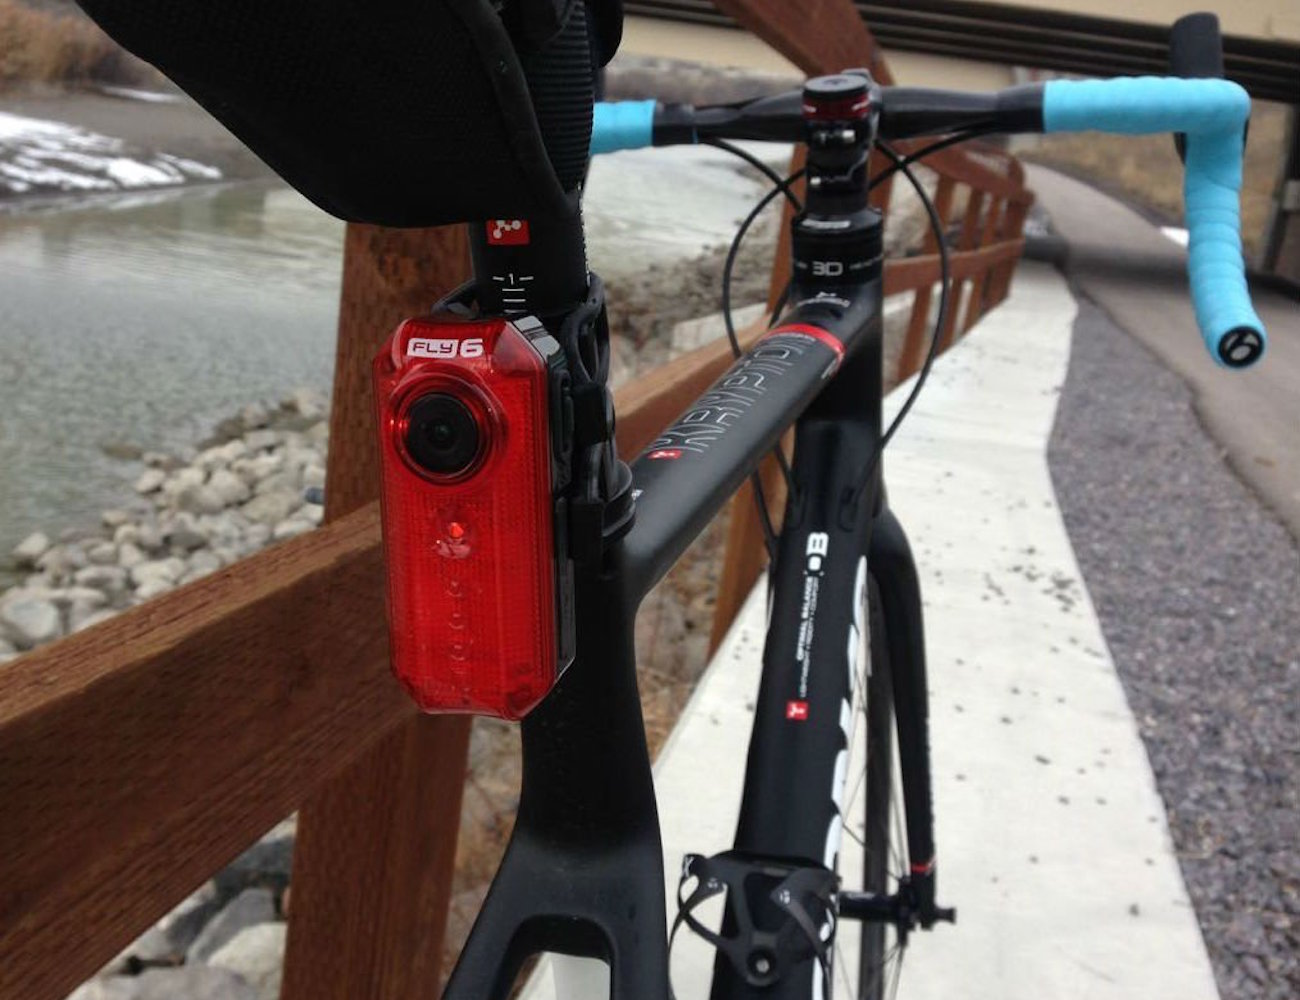 cycliq-fly-6-cycling-camera-and-rear-light-03